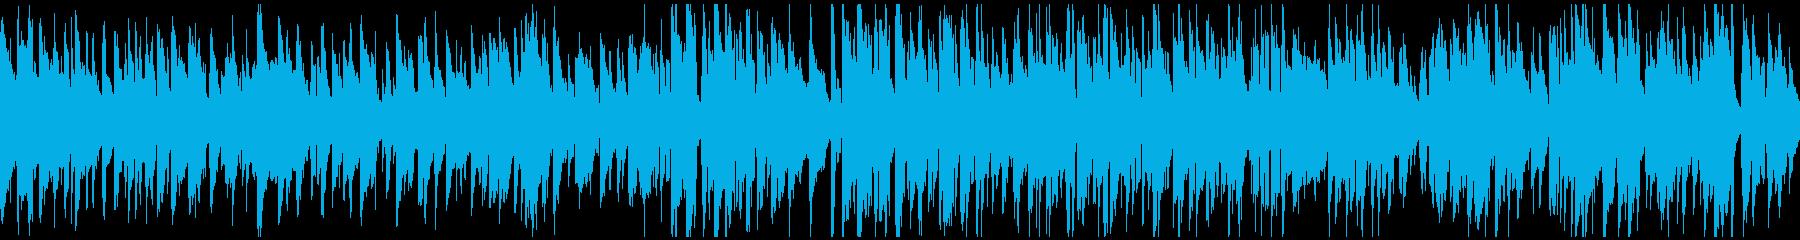 スローテンポなスイングのジャズ※ループ版の再生済みの波形